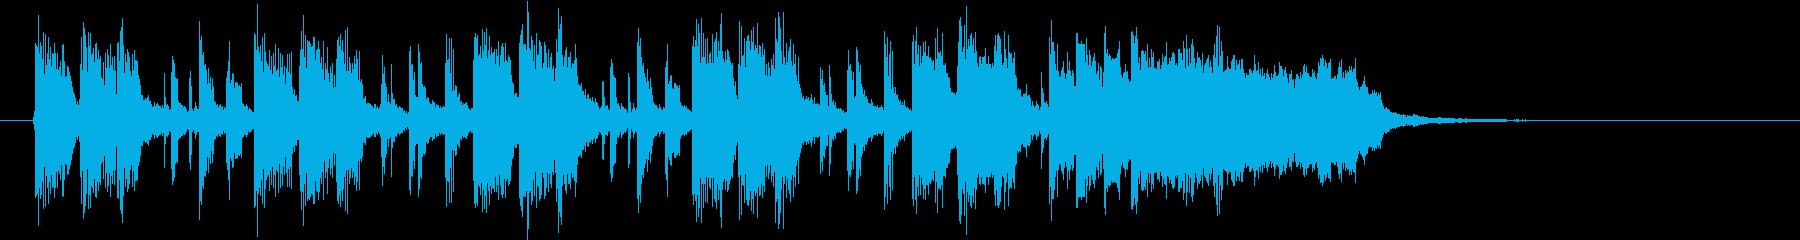 フュージョンポップスのバンドのジングルの再生済みの波形